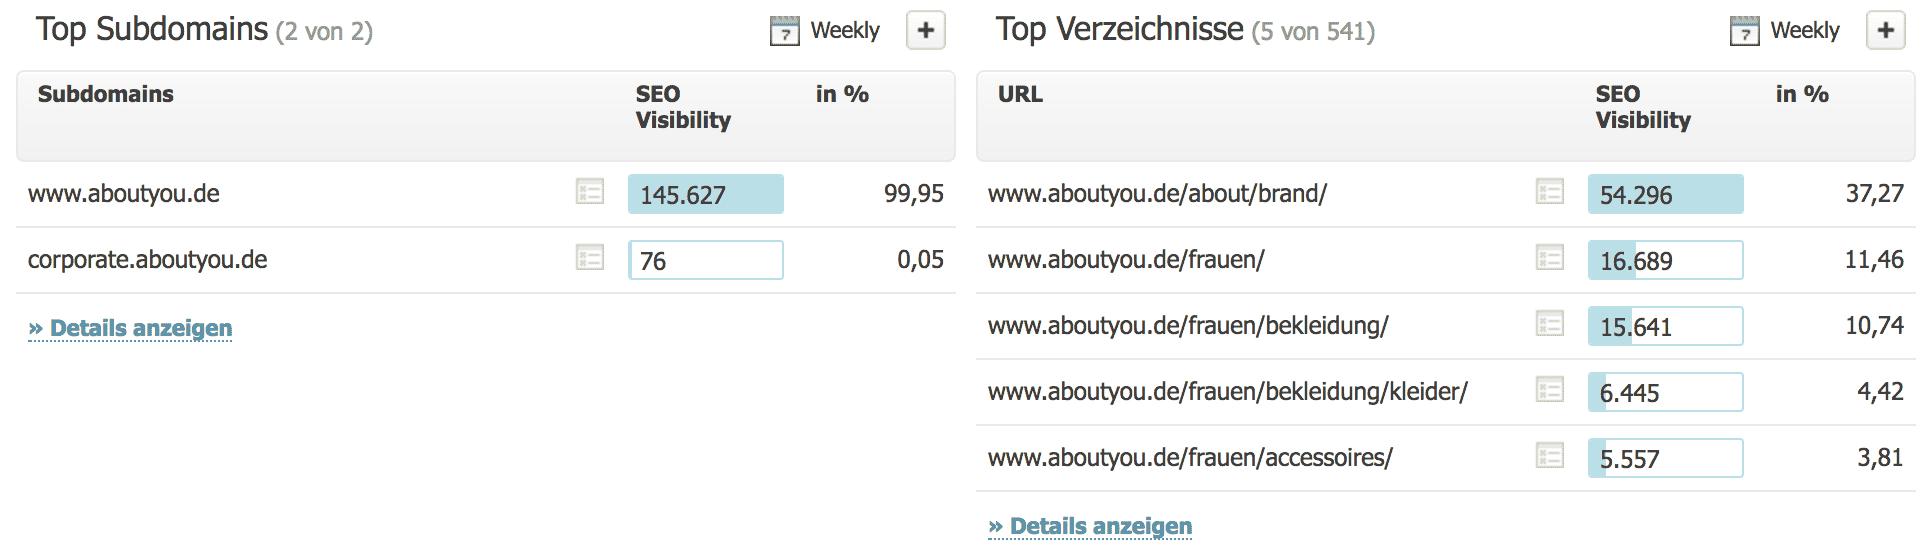 SEO Visibility von Subdomain und Verzeichnisse // Searchmetrics Essentials